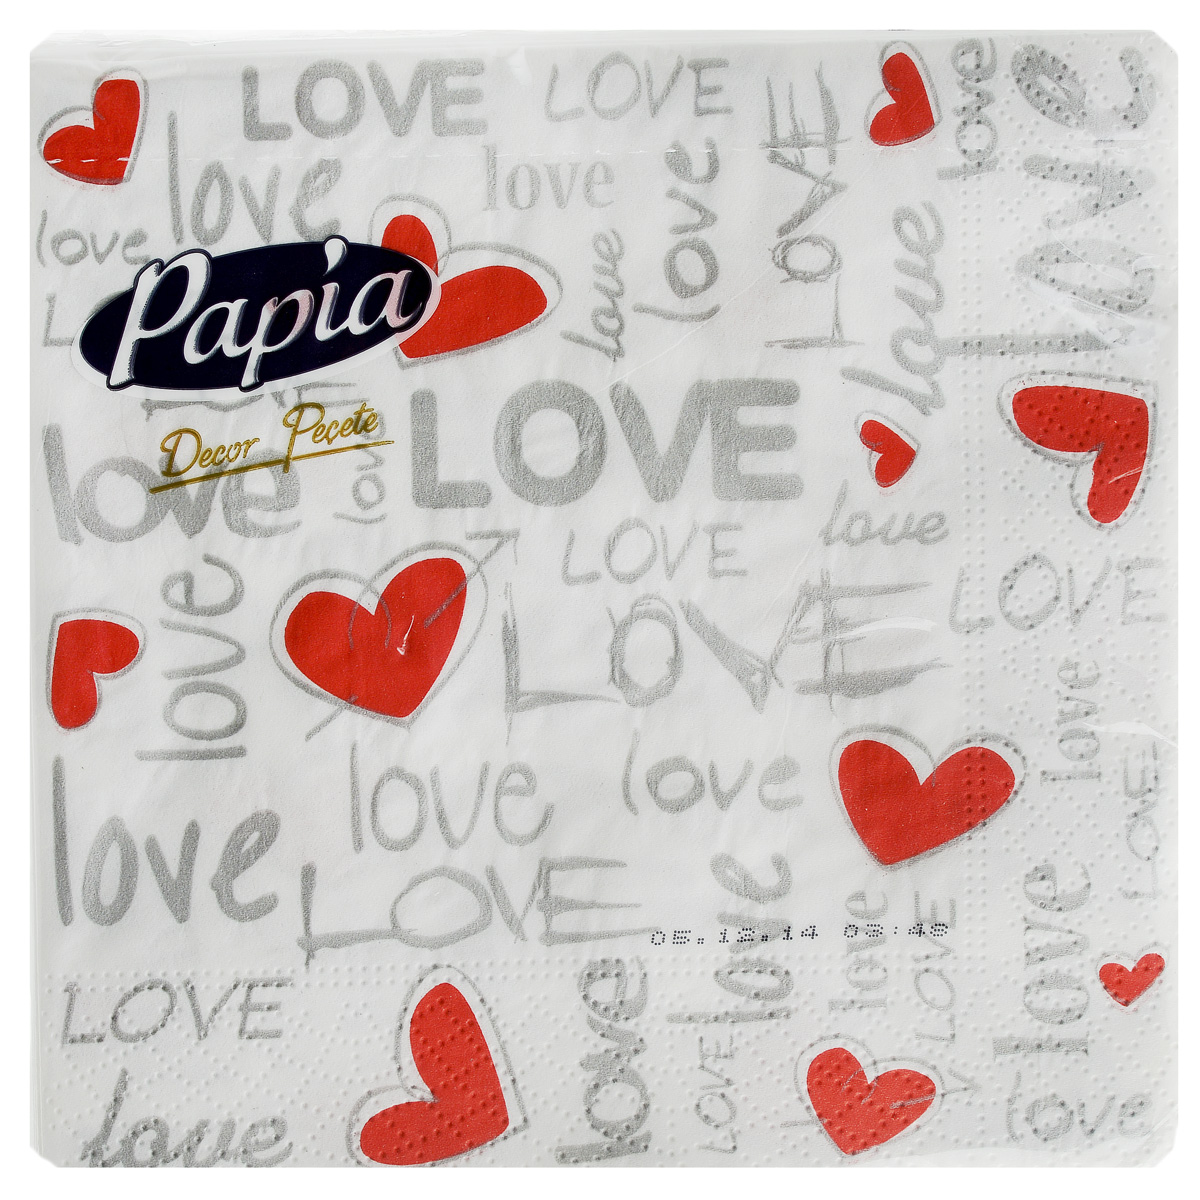 Салфетки бумажные Papia Decor, трехслойные, цвет: белый, серый, красный, 33 x 33 см, 20 шт391602Трехслойные салфетки Papia Decor, выполненные из 100% целлюлозы, оформлены красочным рисунком. Салфетки предназначены для красивой сервировки стола. Оригинальный дизайн салфеток добавит изысканности вашему столу и поднимет настроение. Размер салфеток: 33 см х 33 см.